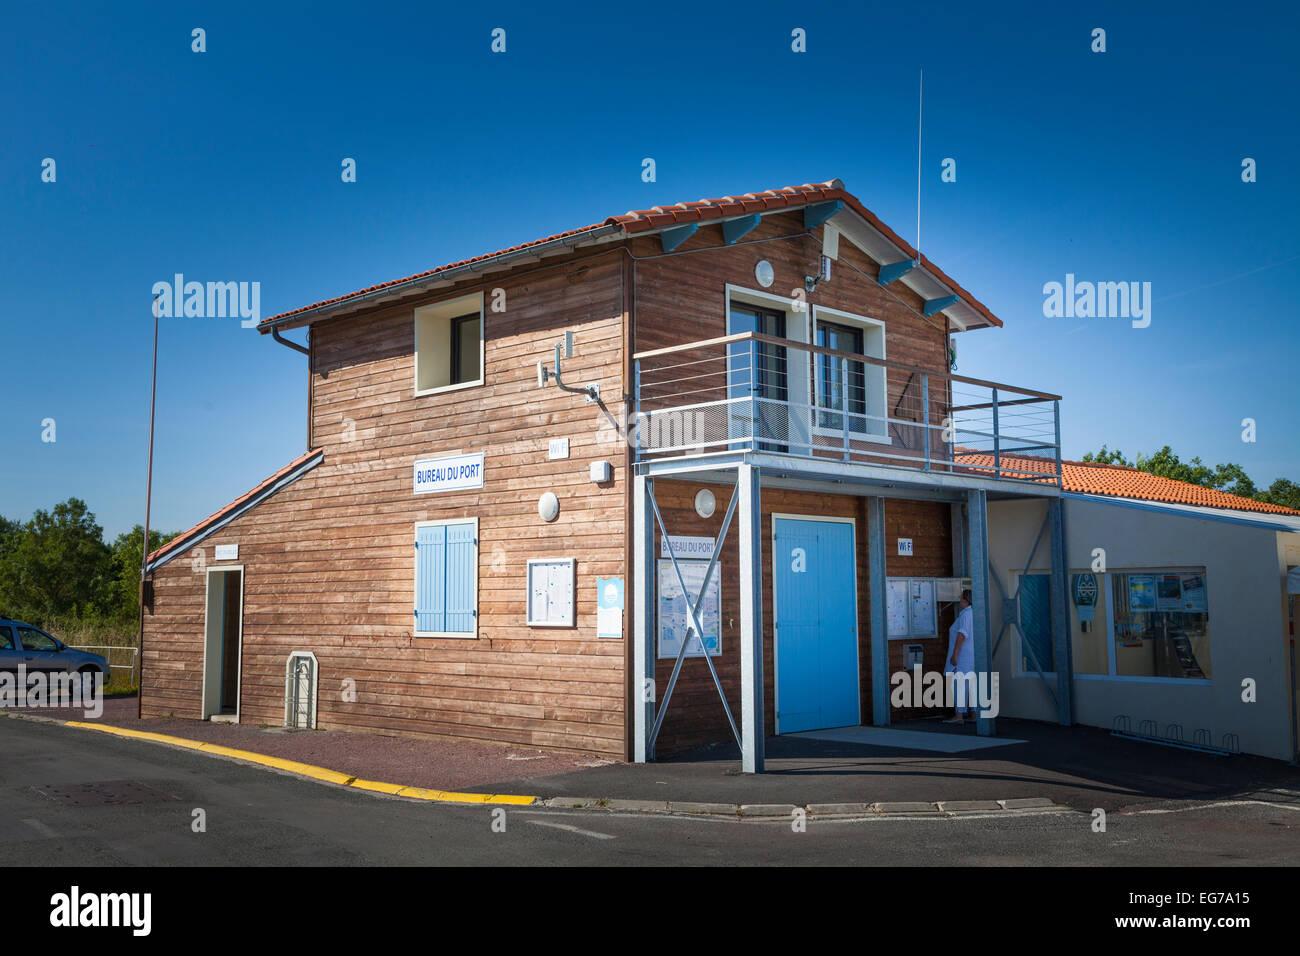 Bureau du Port harbour masters building at Meschers-sur-gironde - Stock Image